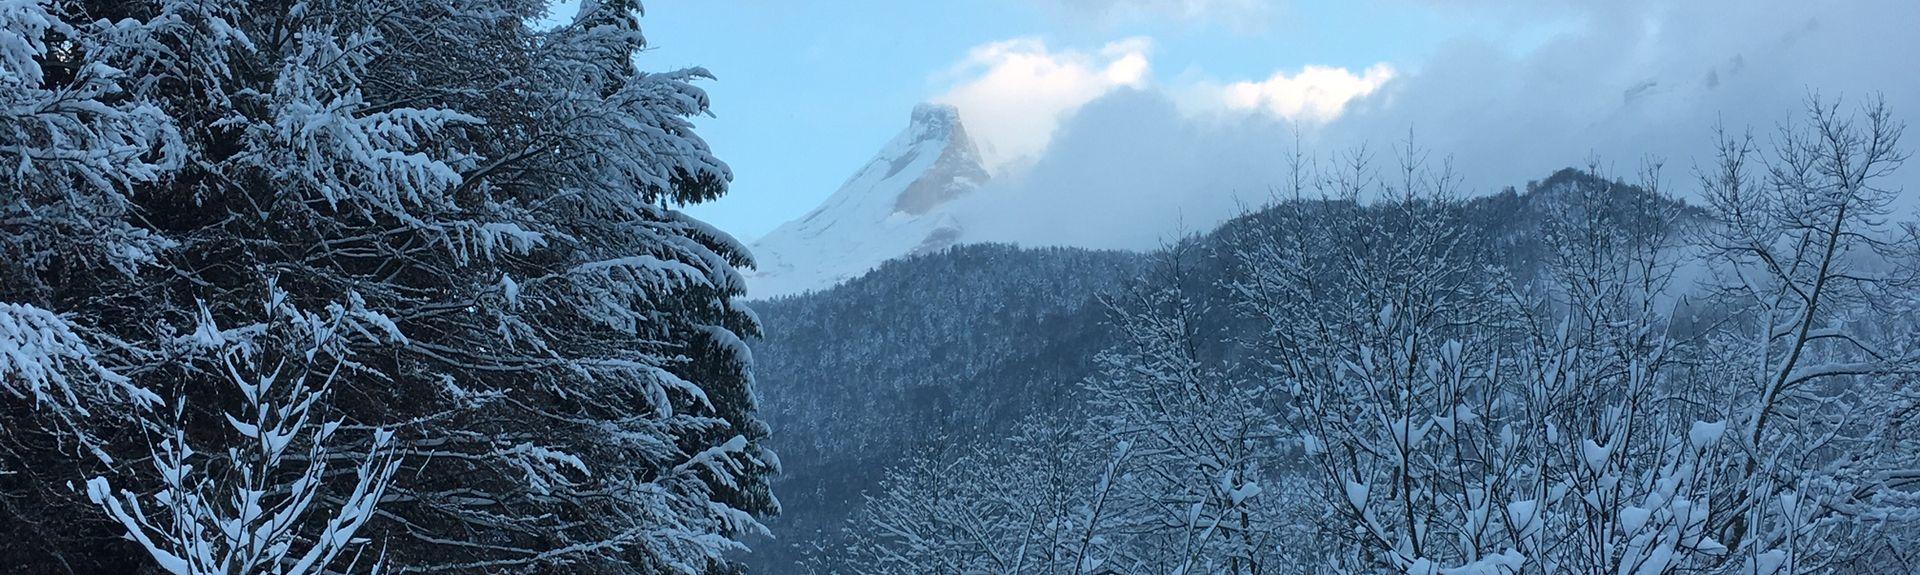 Aucun, Hautes-Pyrénées, France